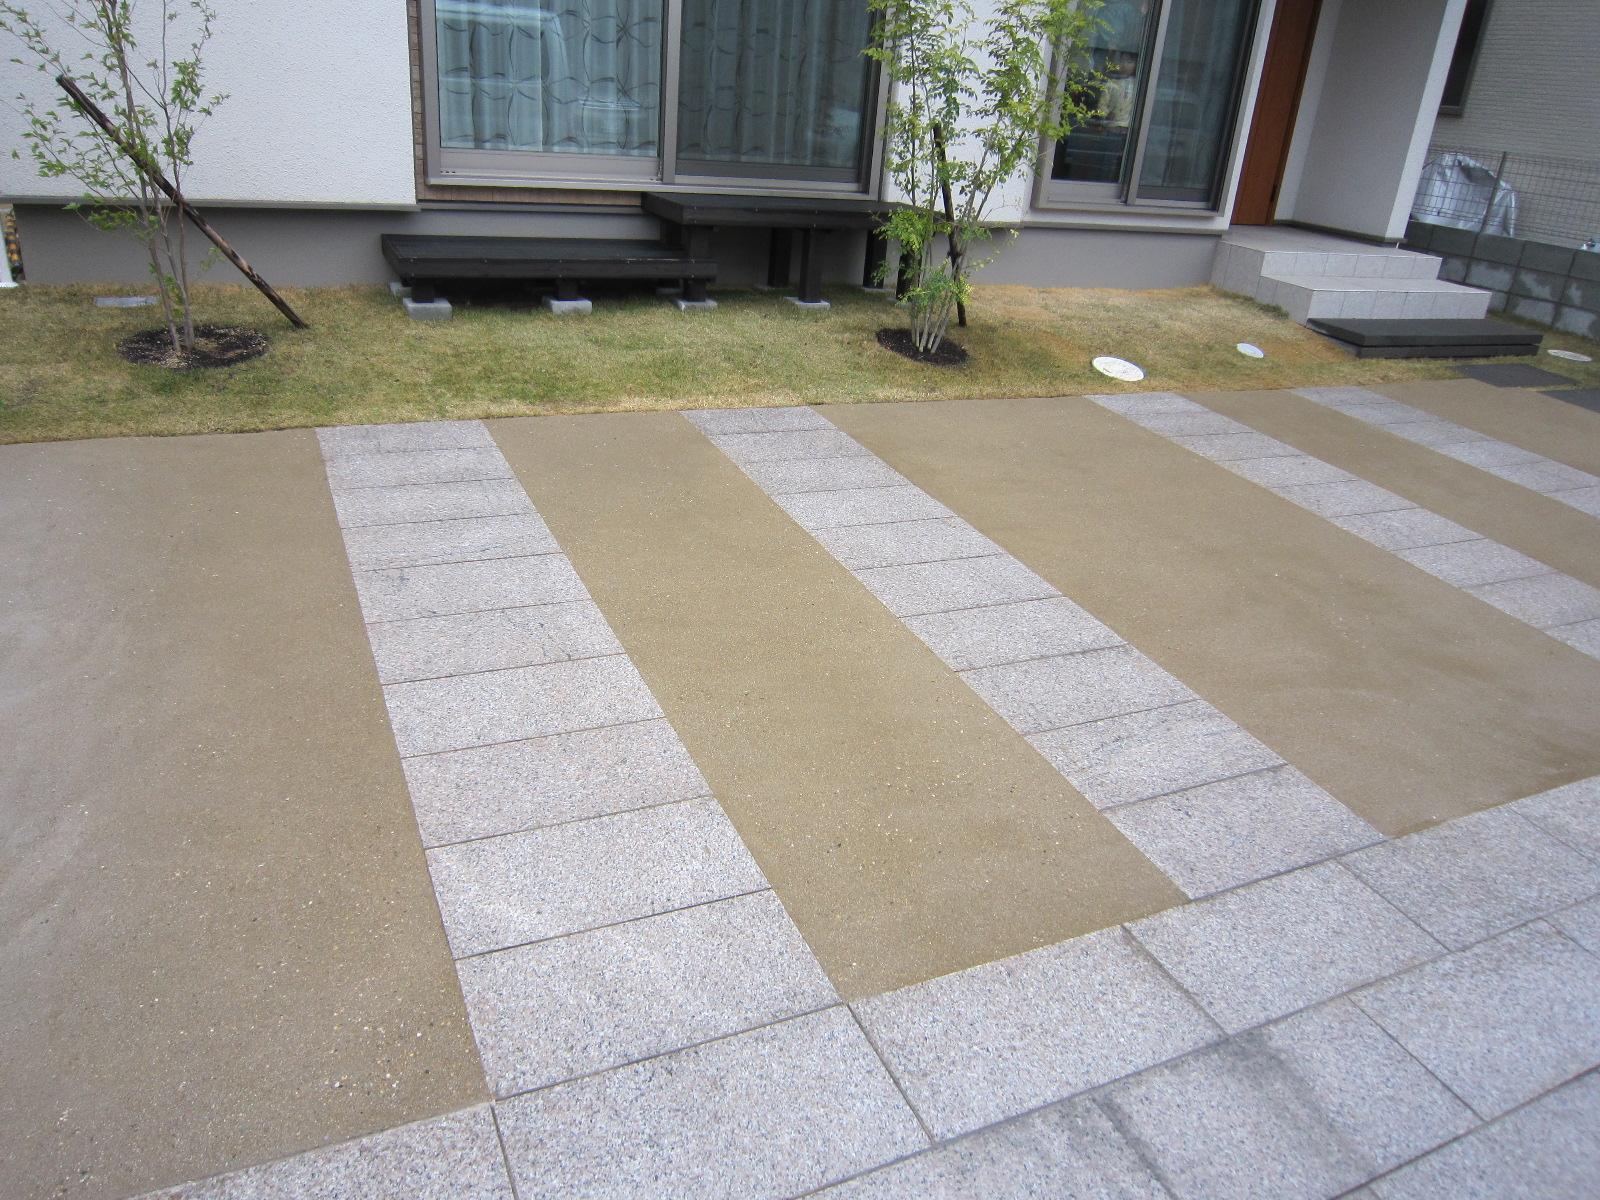 洗い出し自然土舗装材「たたき」